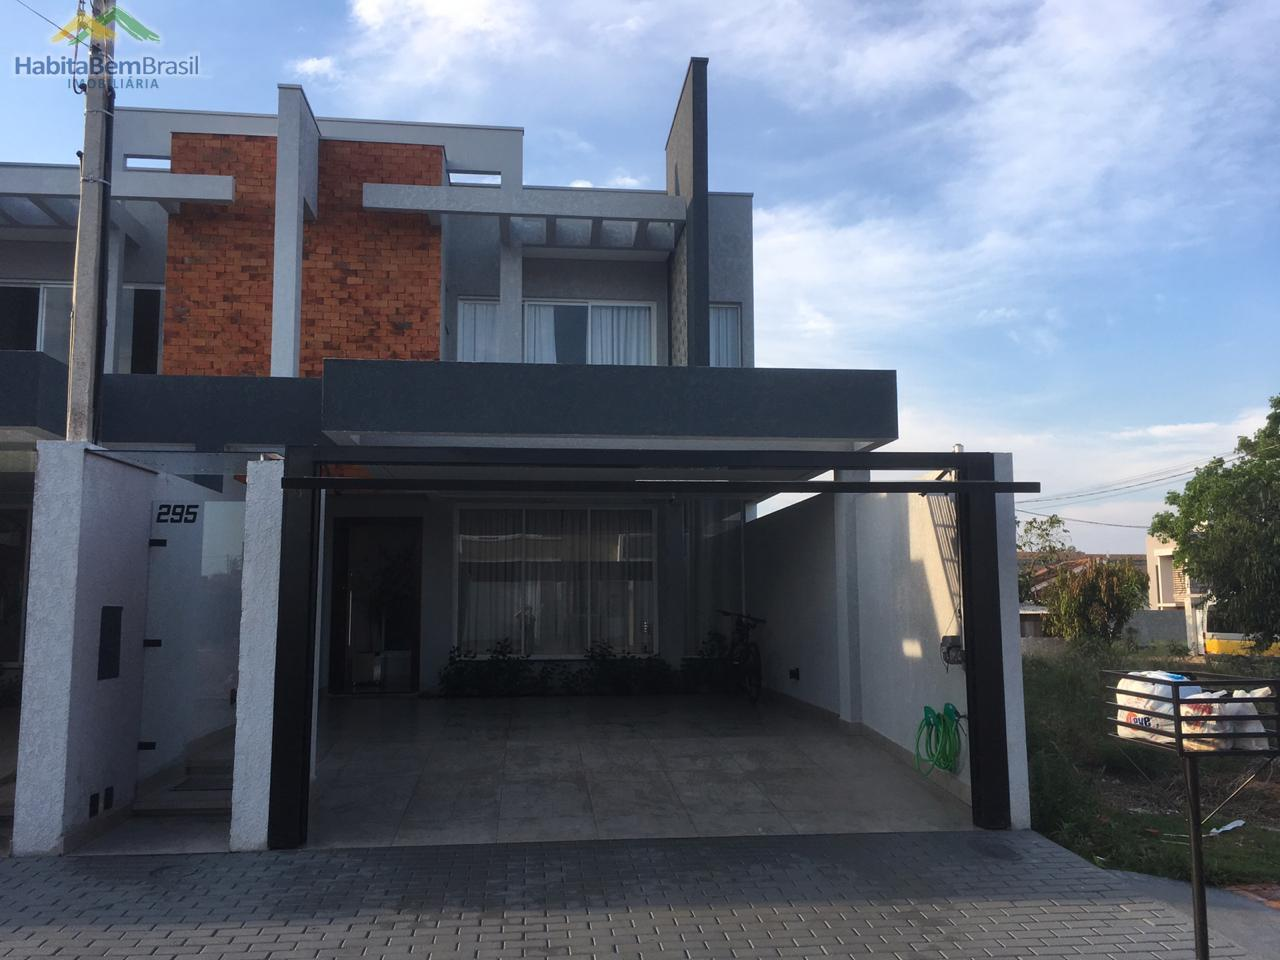 Sobrado com 3 dormitórios à venda, JARDIM GISELA, TOLEDO - PR